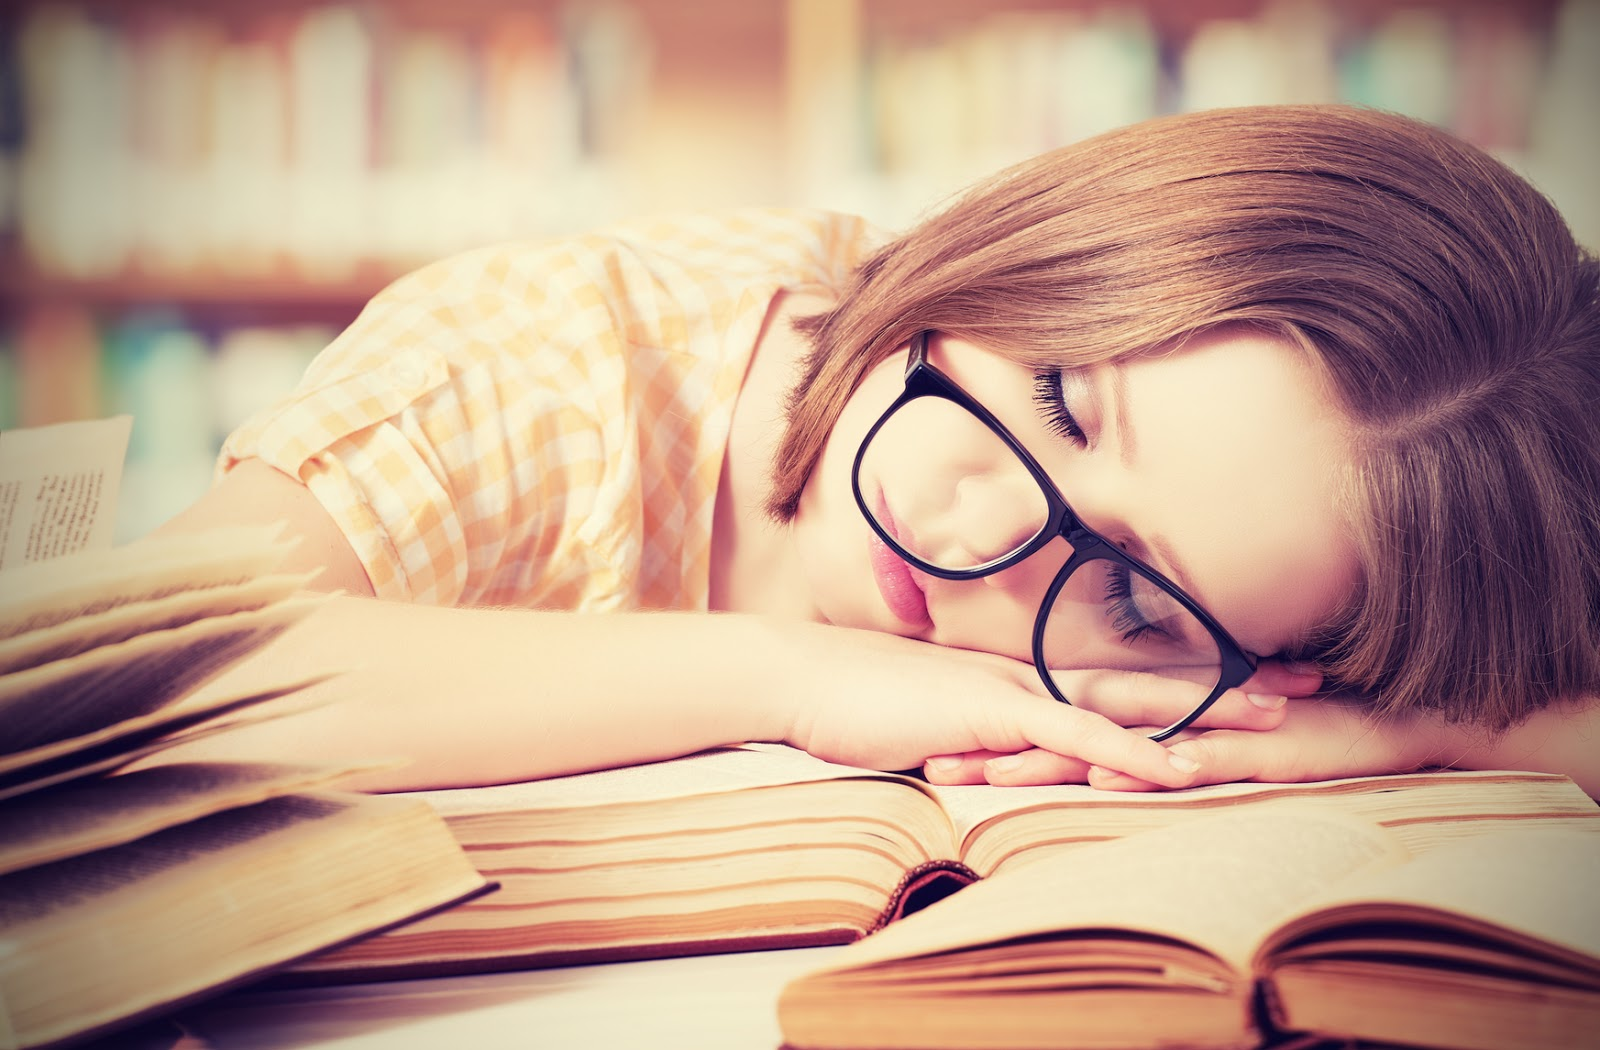 طالبة نائمة فوق الكتب